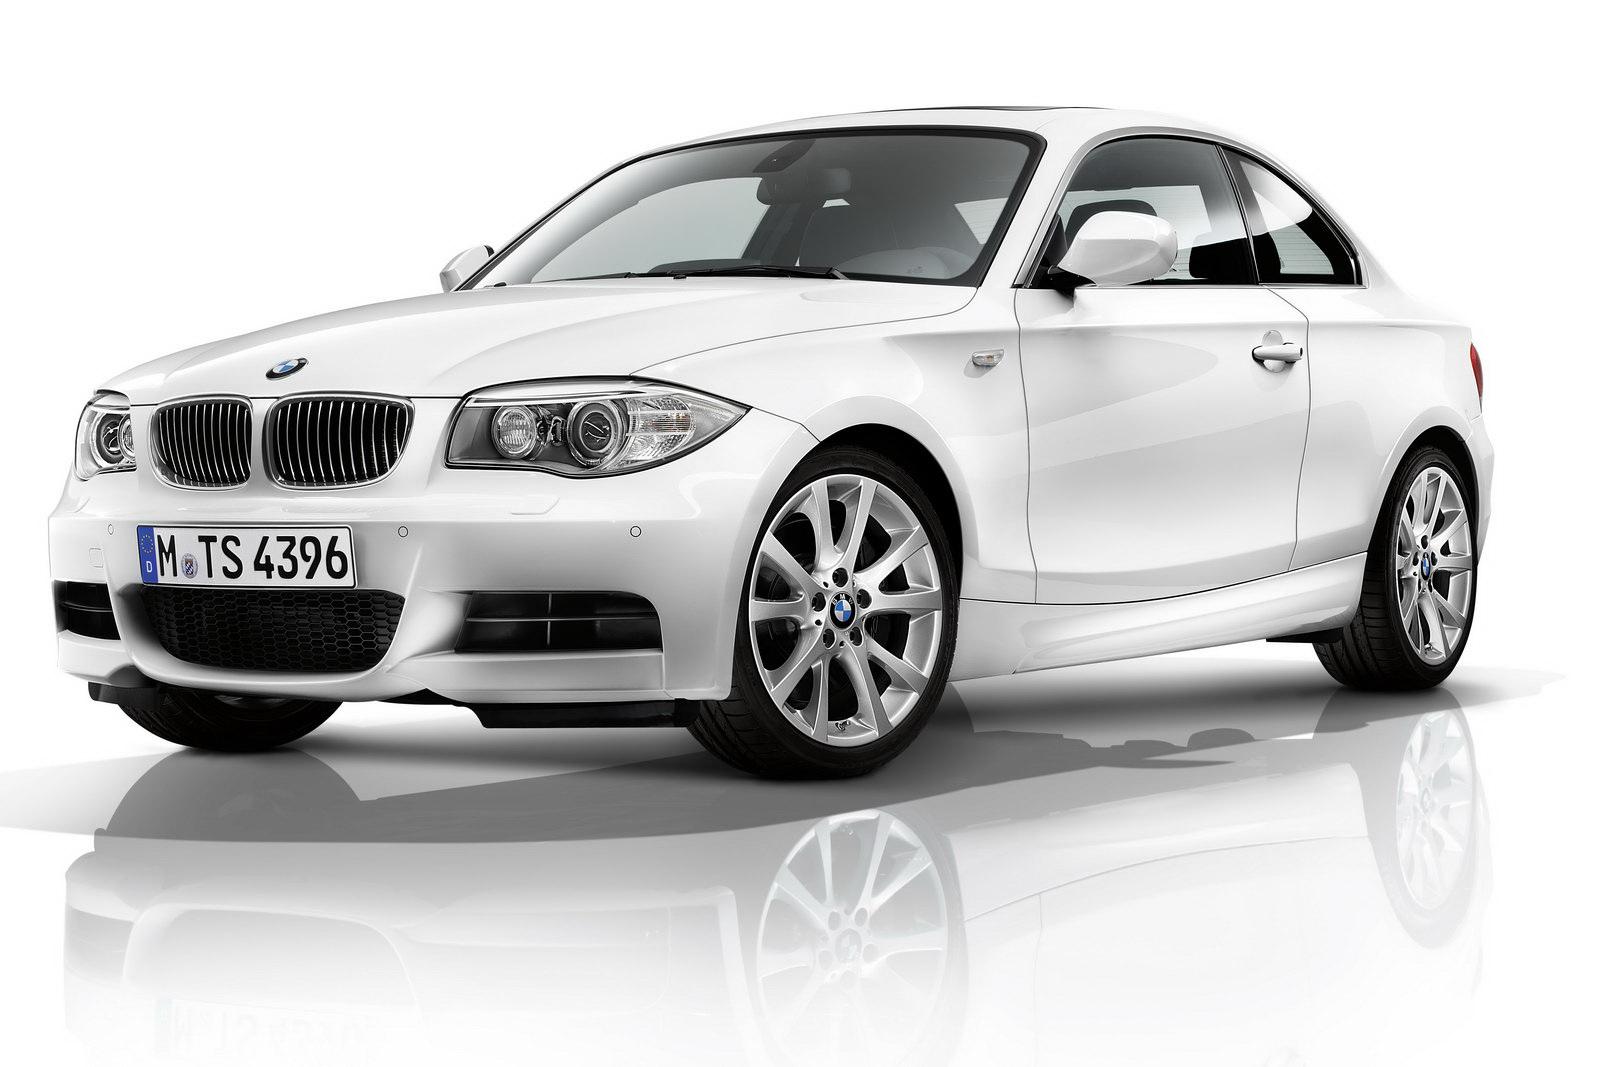 E82 BMW 1 Series Coupe